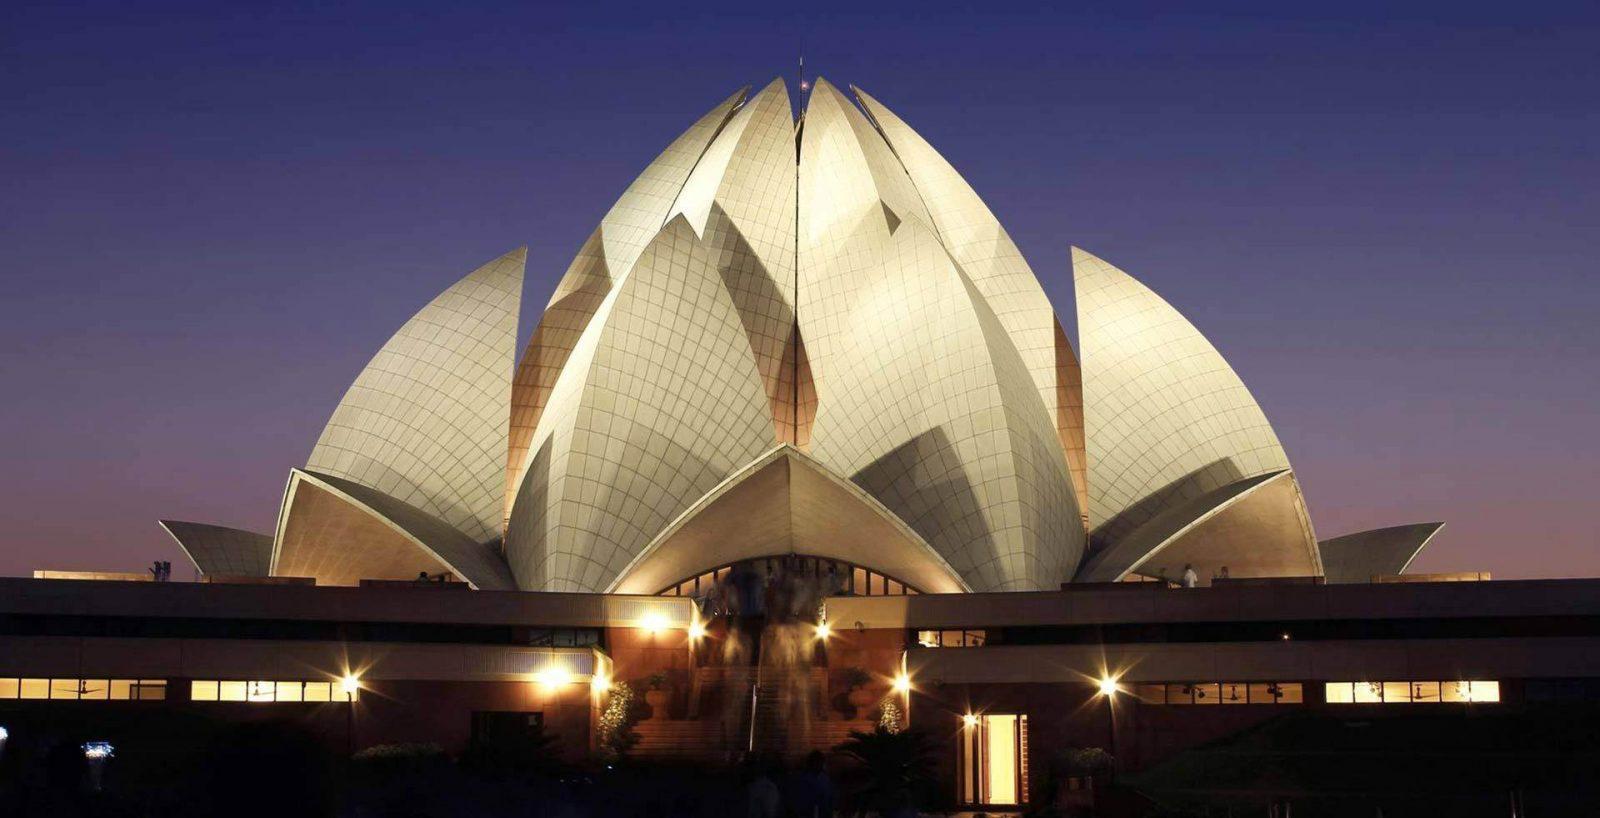 Roteiro de 3 dias em Delhi 2 dicas Viaje Global